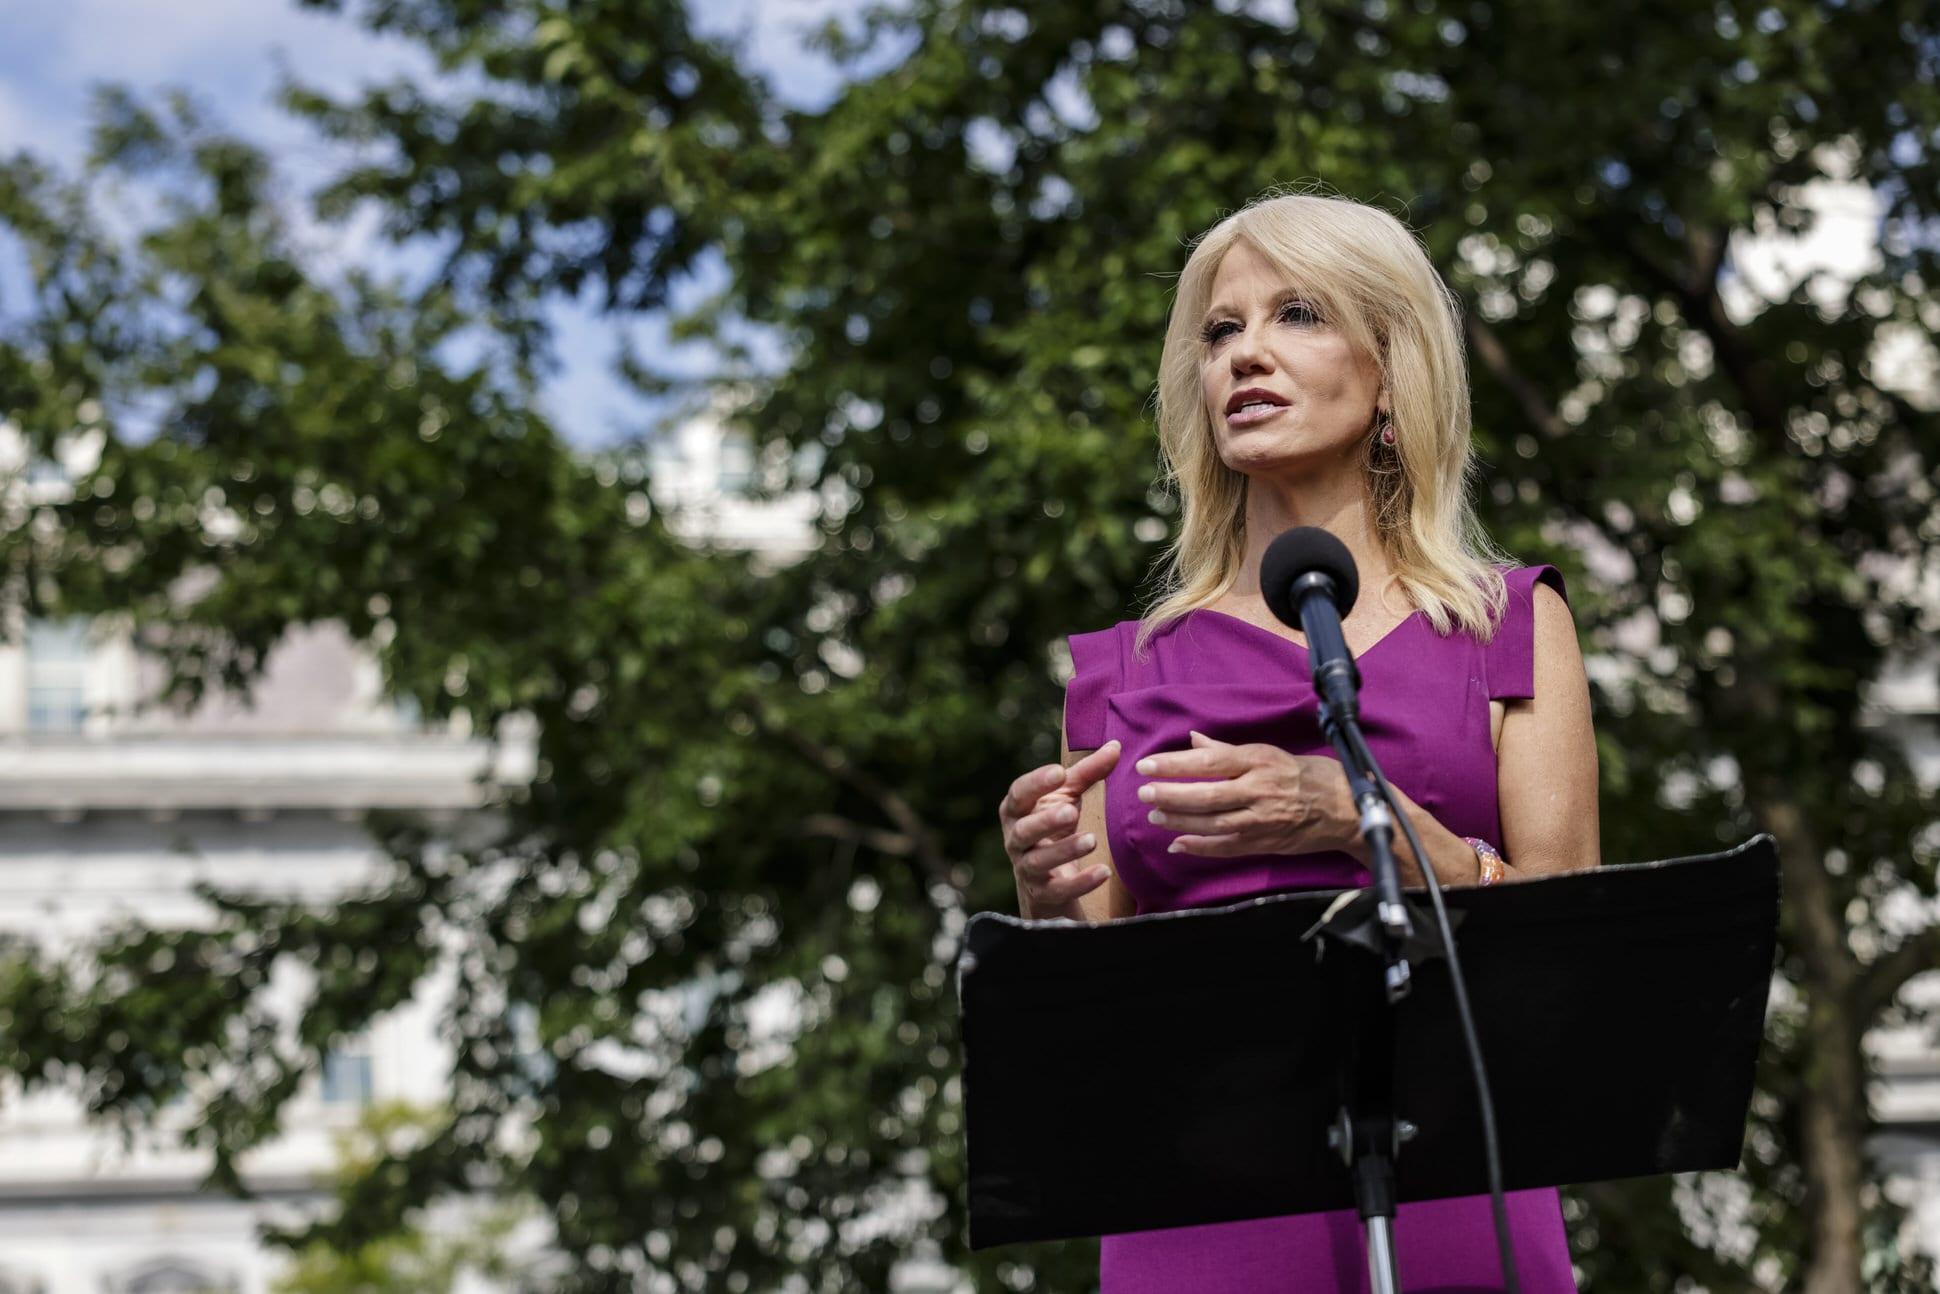 Kellyanne Conway acknowledges 'it looks like Joe Biden and Kamala Harris will prevail'